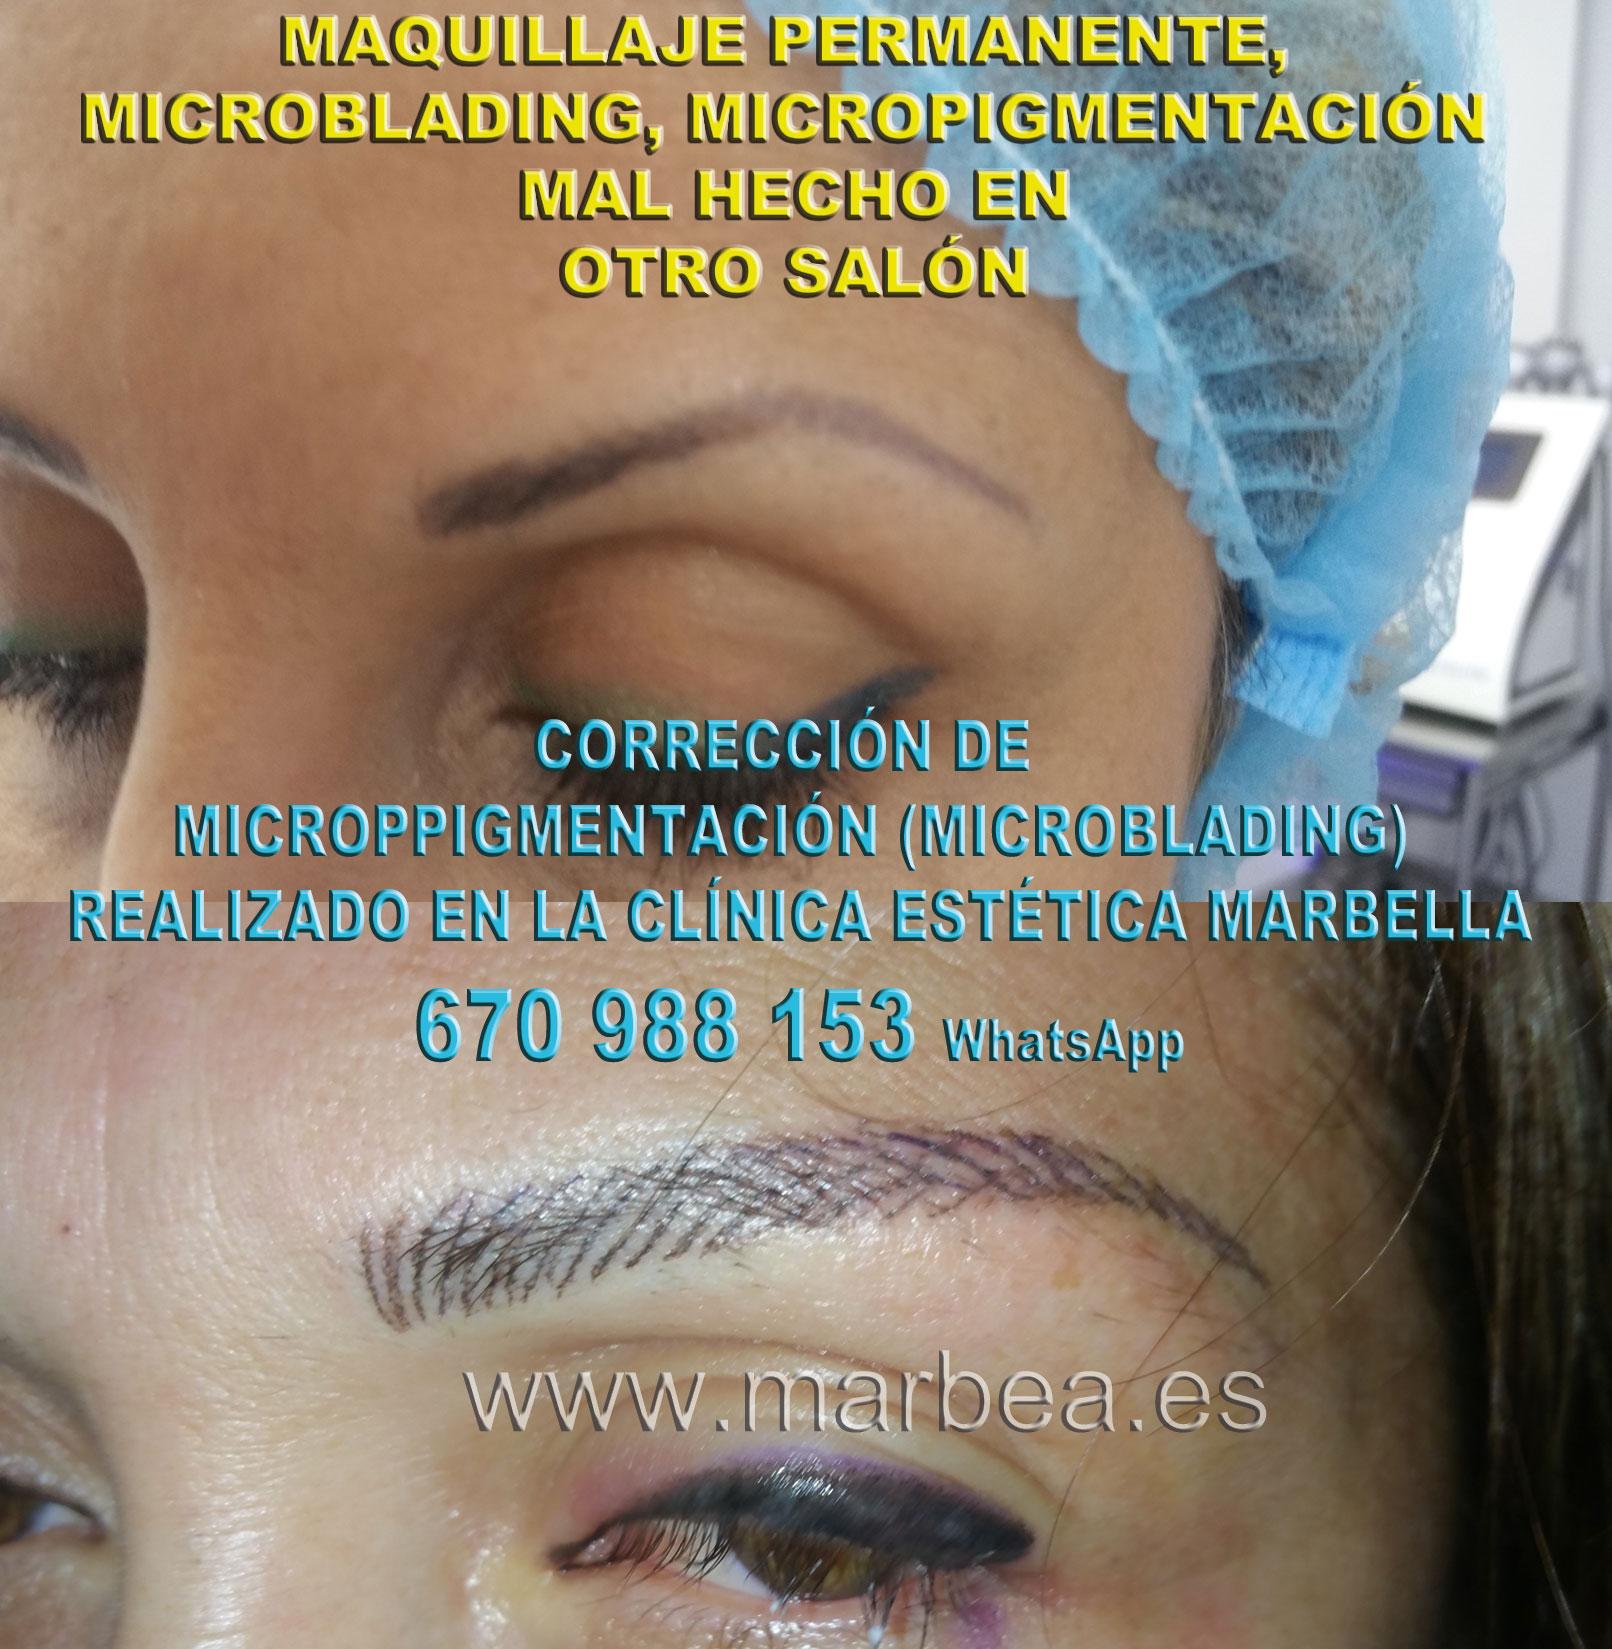 ELIMINAR TATUAJE CEJAS clínica estética micropigmentación propone eliminar la micropigmentación de cejas,corregir micropigmentación no deseada